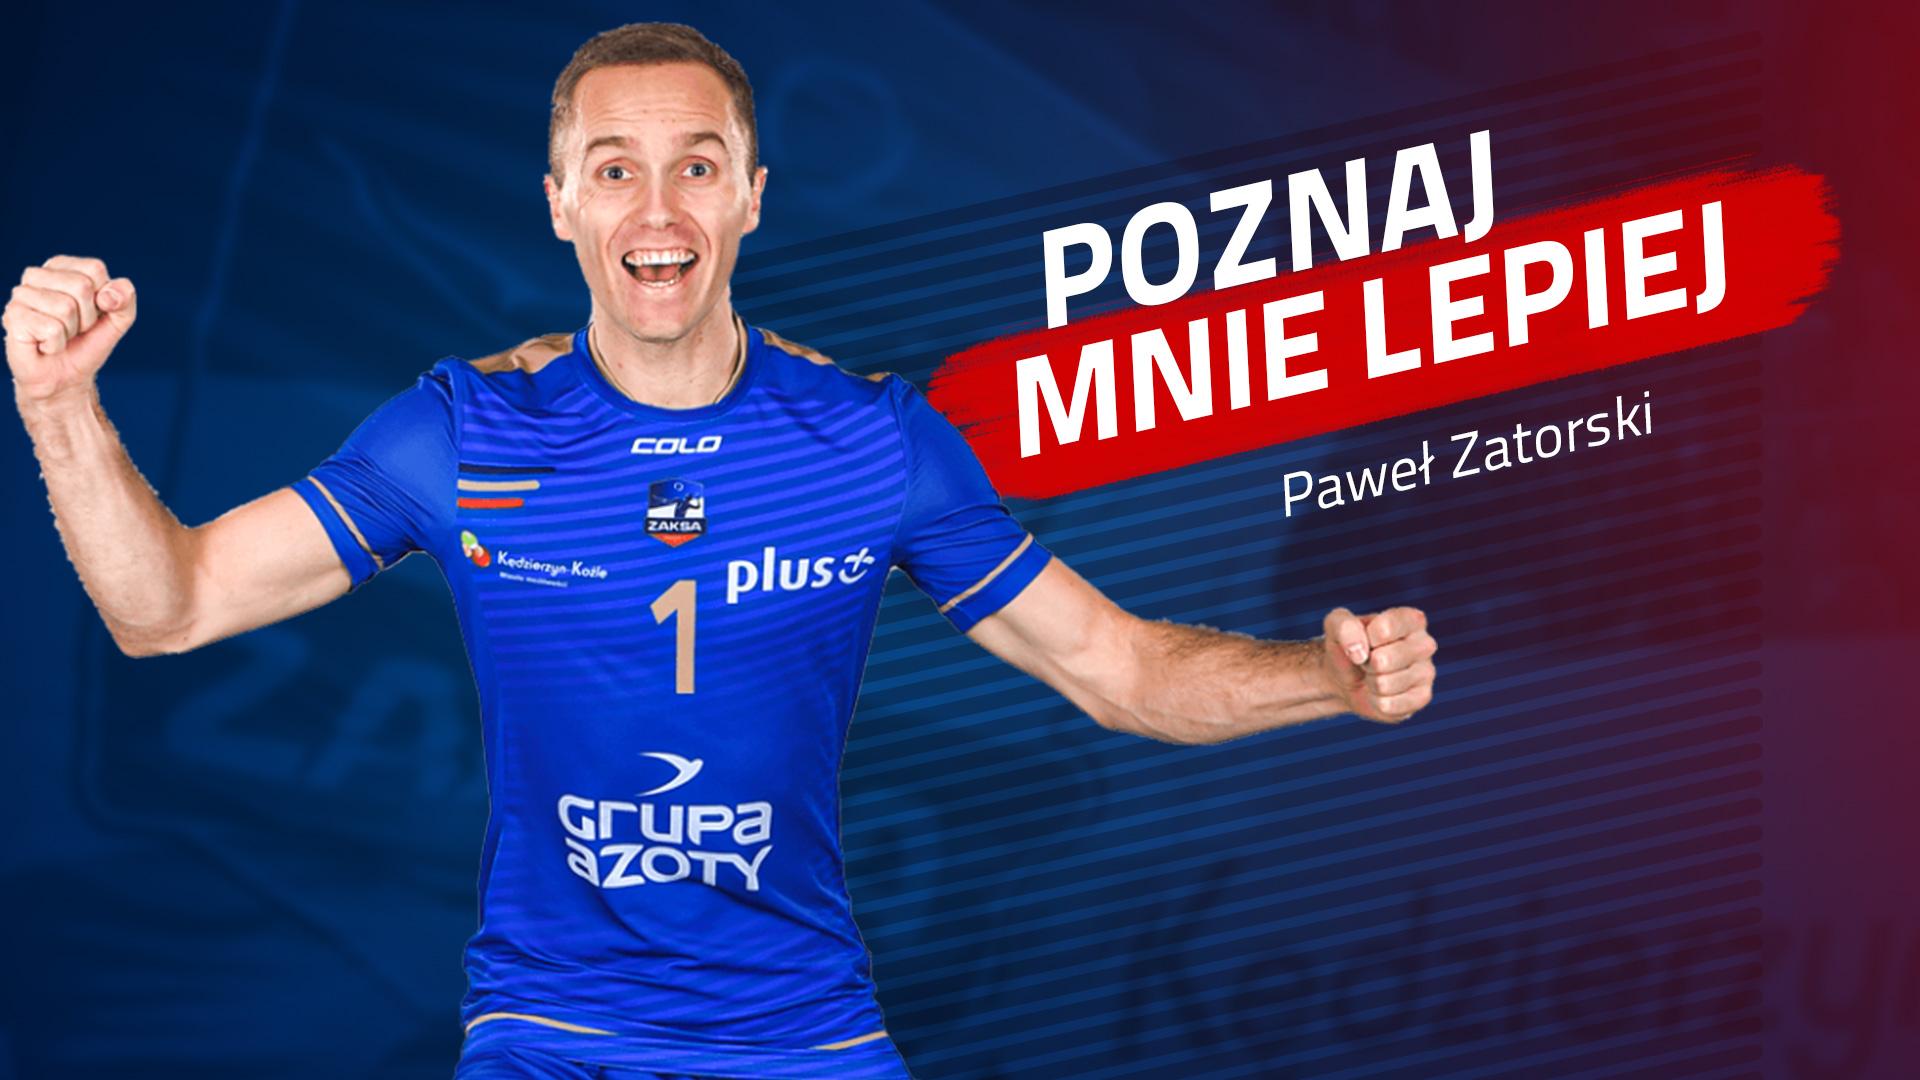 Poznaj mnie lepiej: Paweł Zatorski